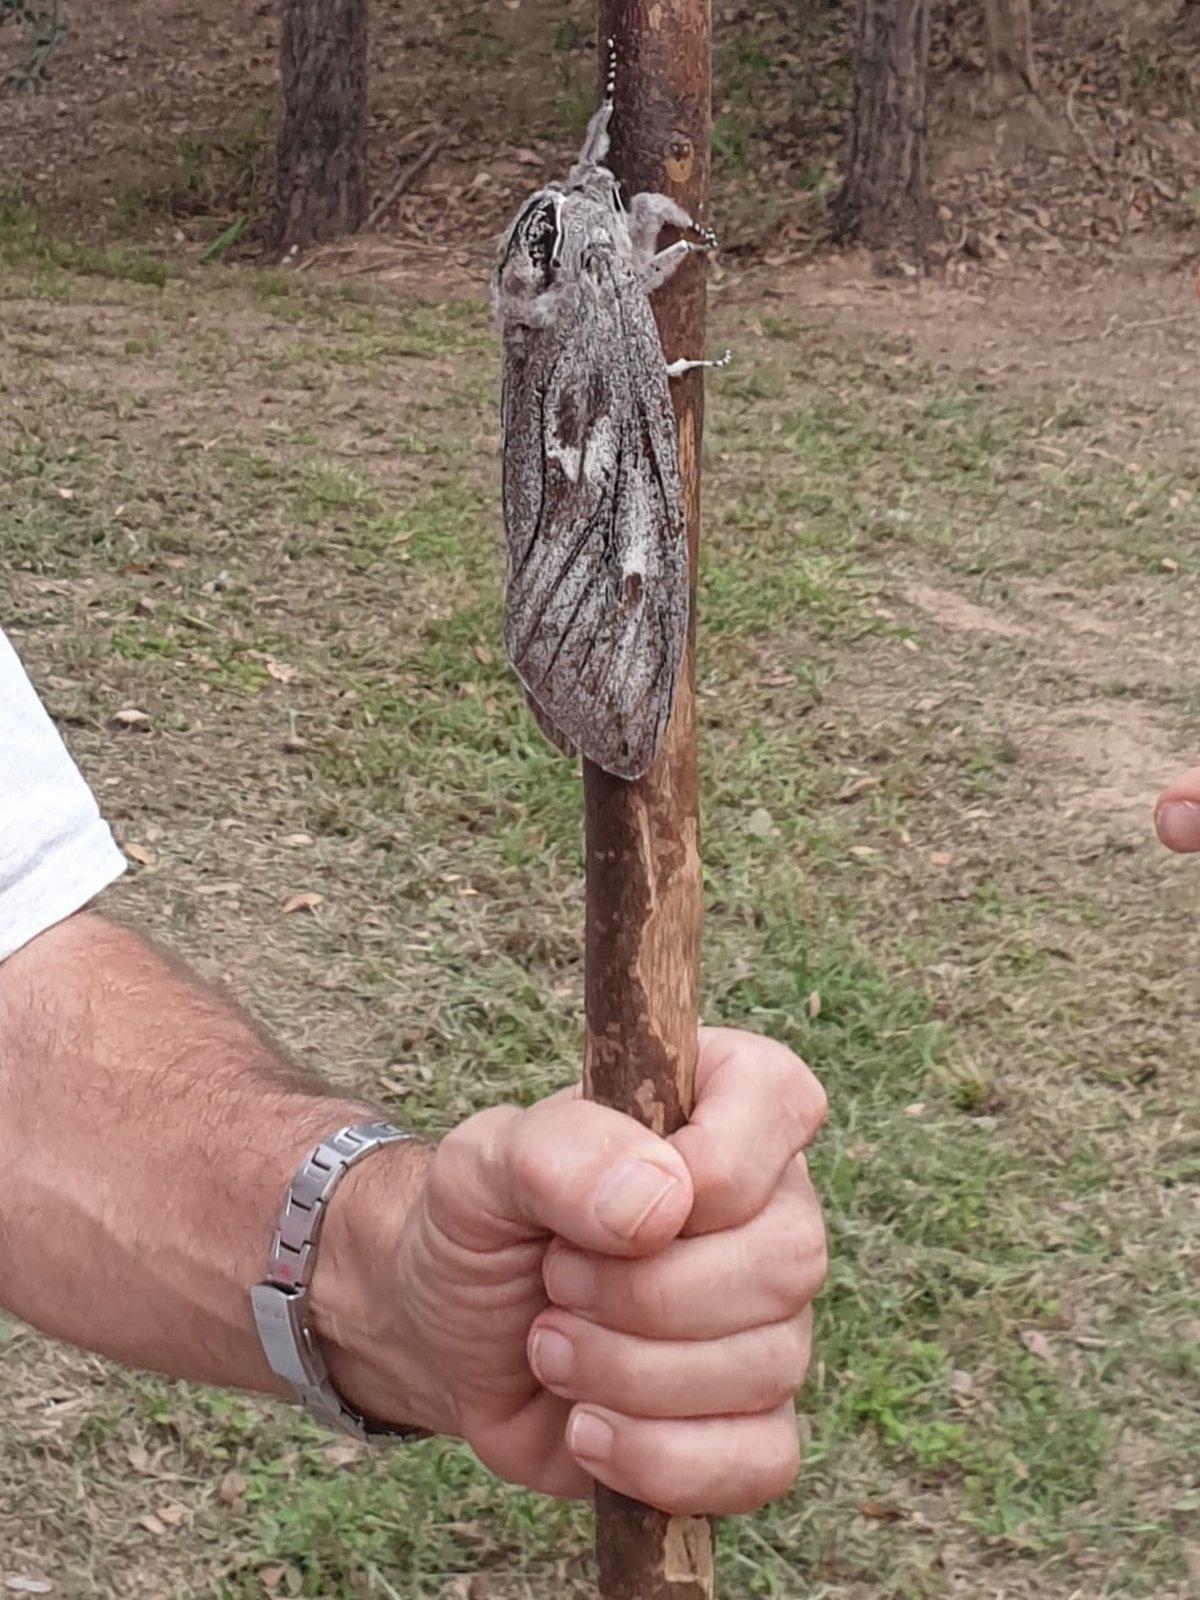 Une femme australienne découvre un papillon de nuit de la taille d'une main humaine avec une envergure de 25 cm